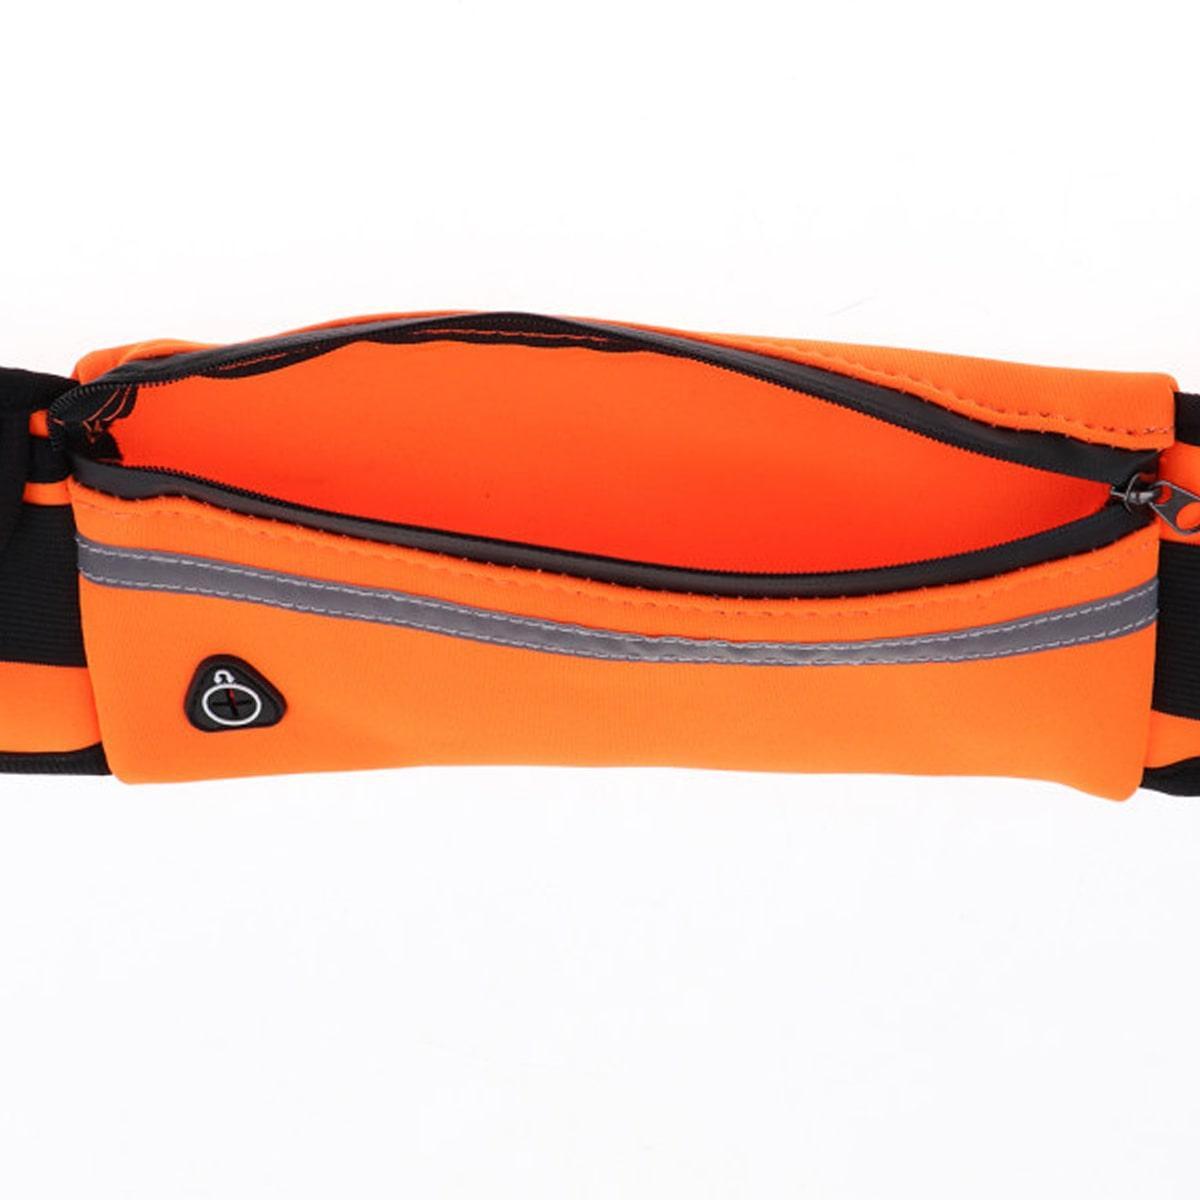 Сумка спортивная поясная для телефона оранжевая - фото 9